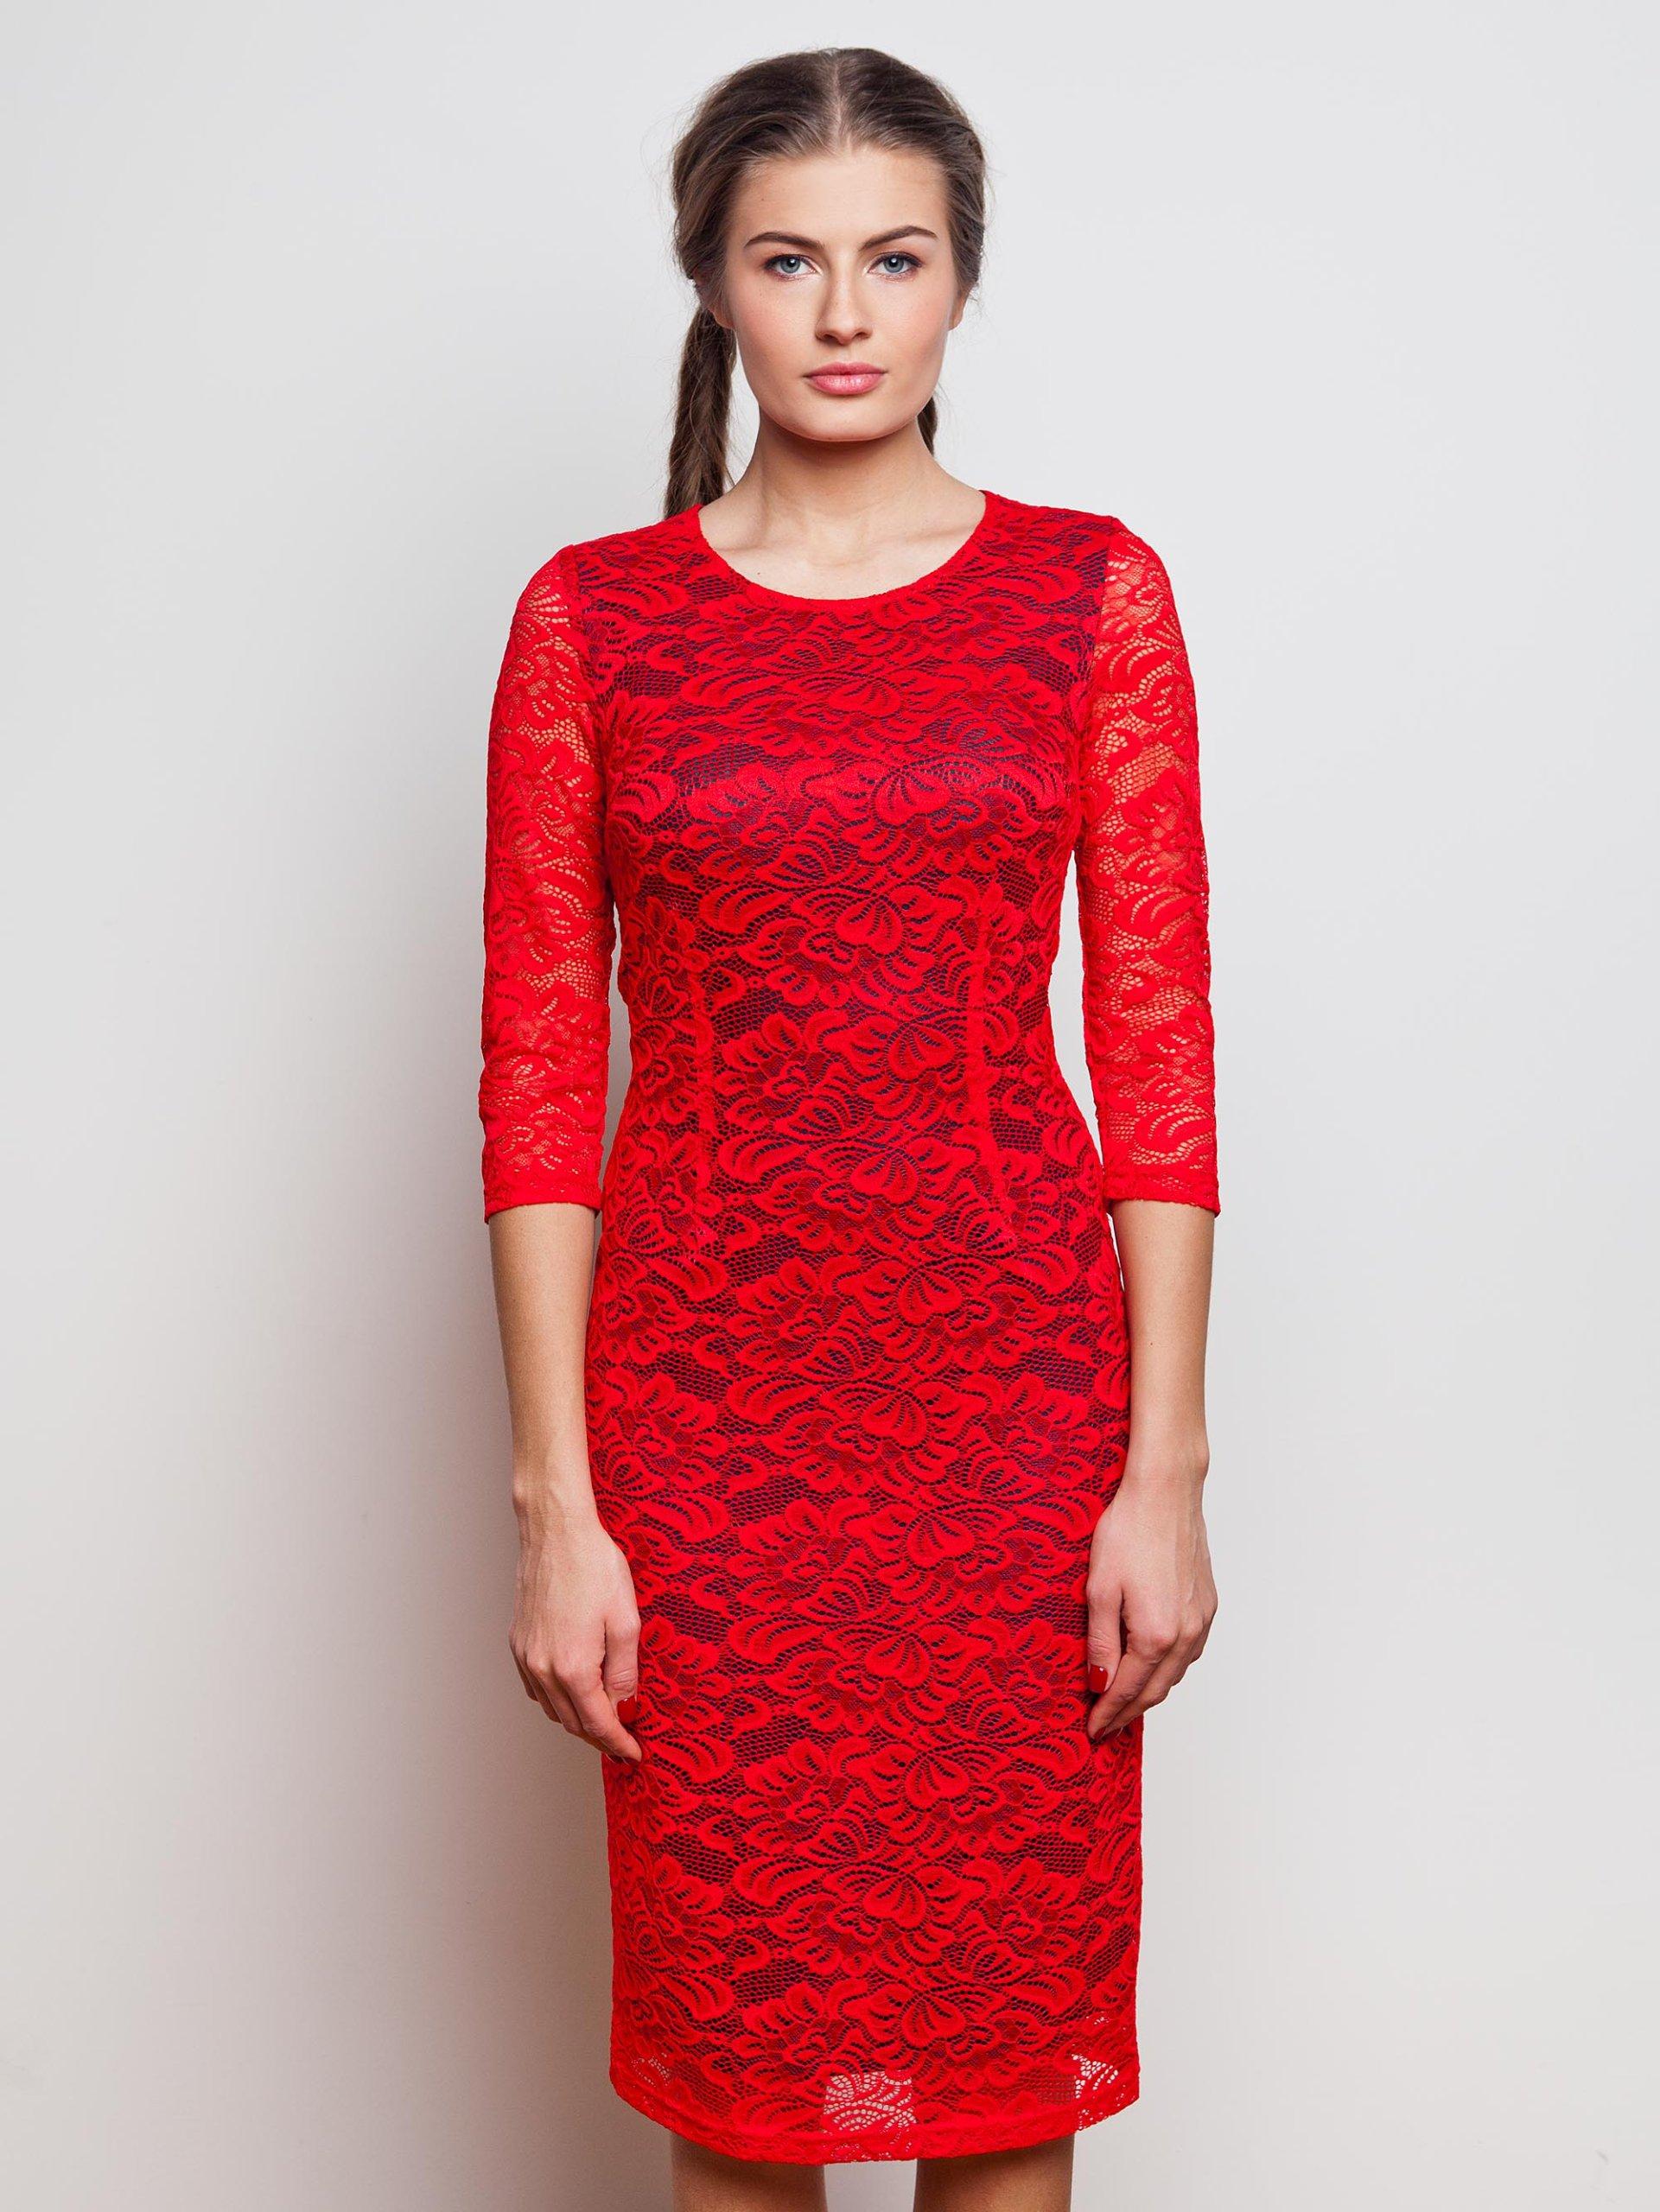 a6fa6d9869 Elegancka Kobieca Czerwona Sukienka Koronki 42 XL - 6965448366 ...